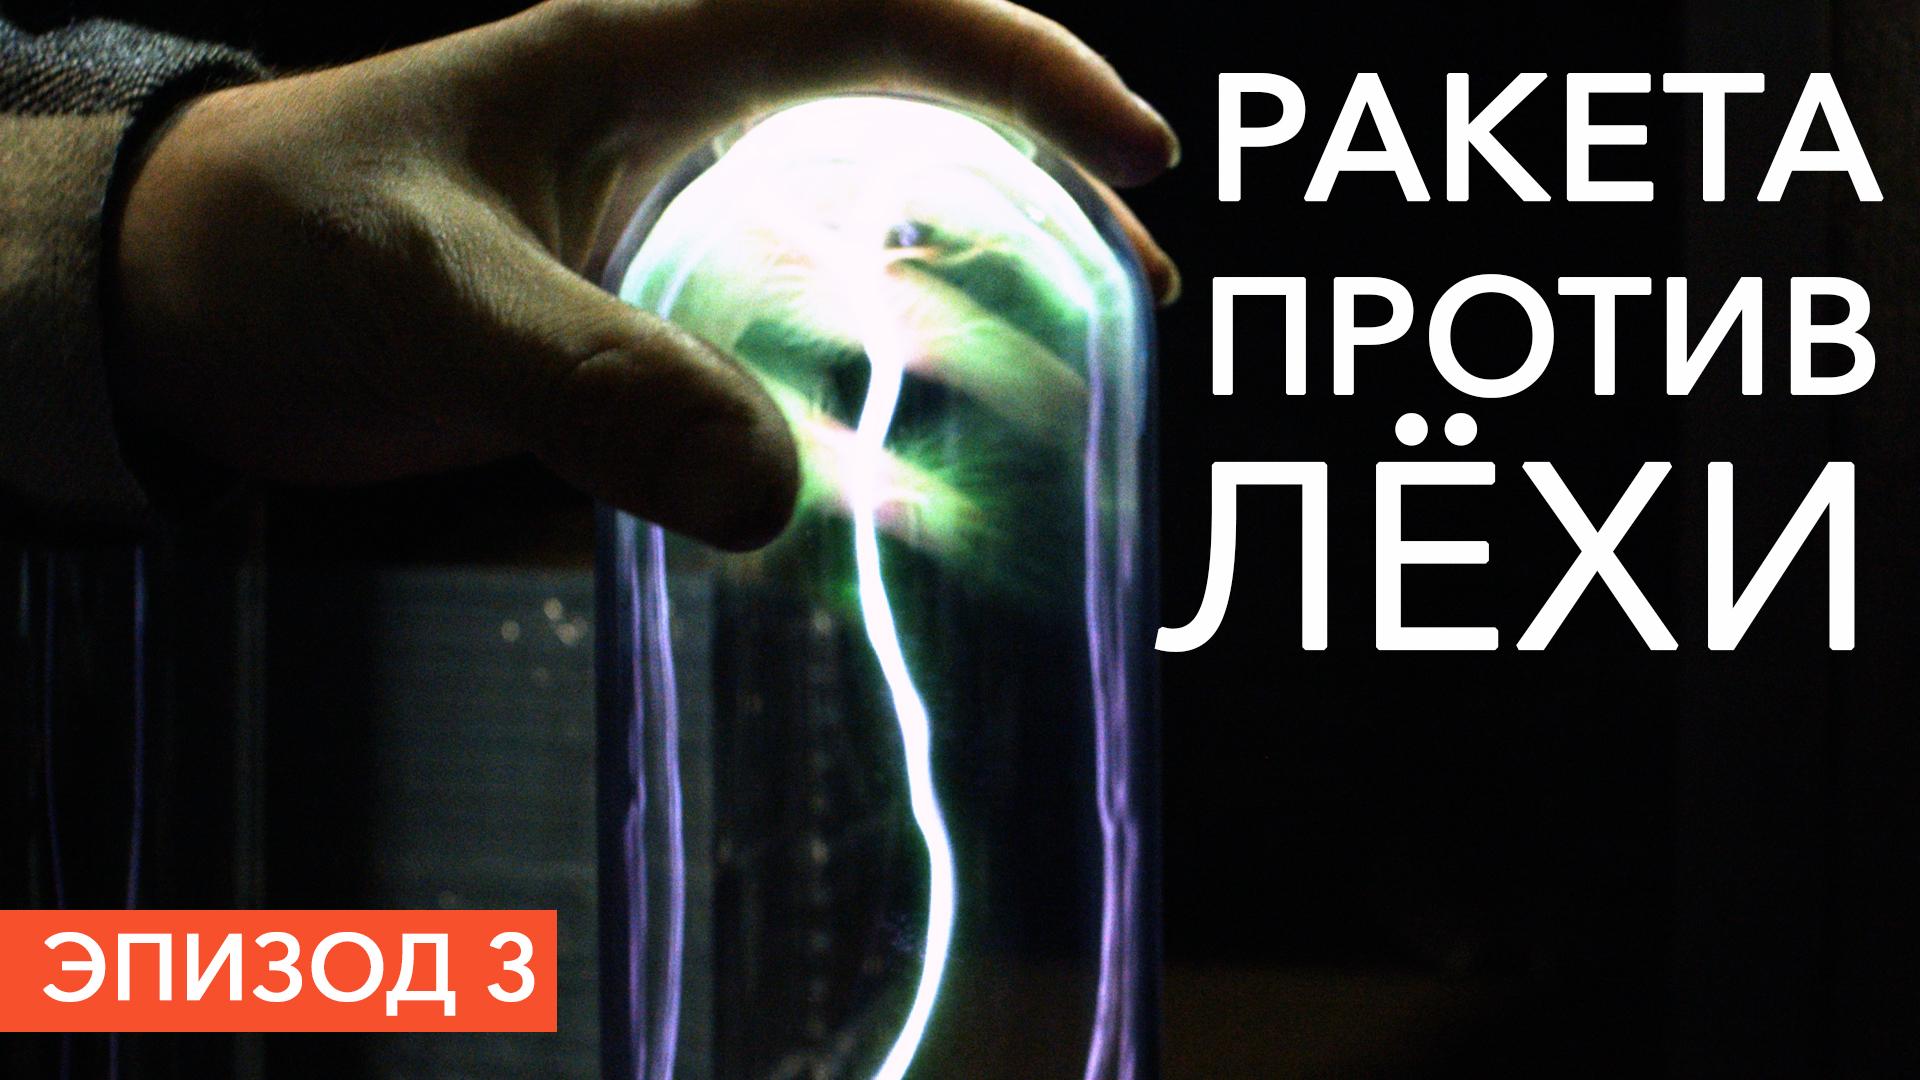 Ракета от Амперки, часть 3 Токарка, допилы стенда, электроника